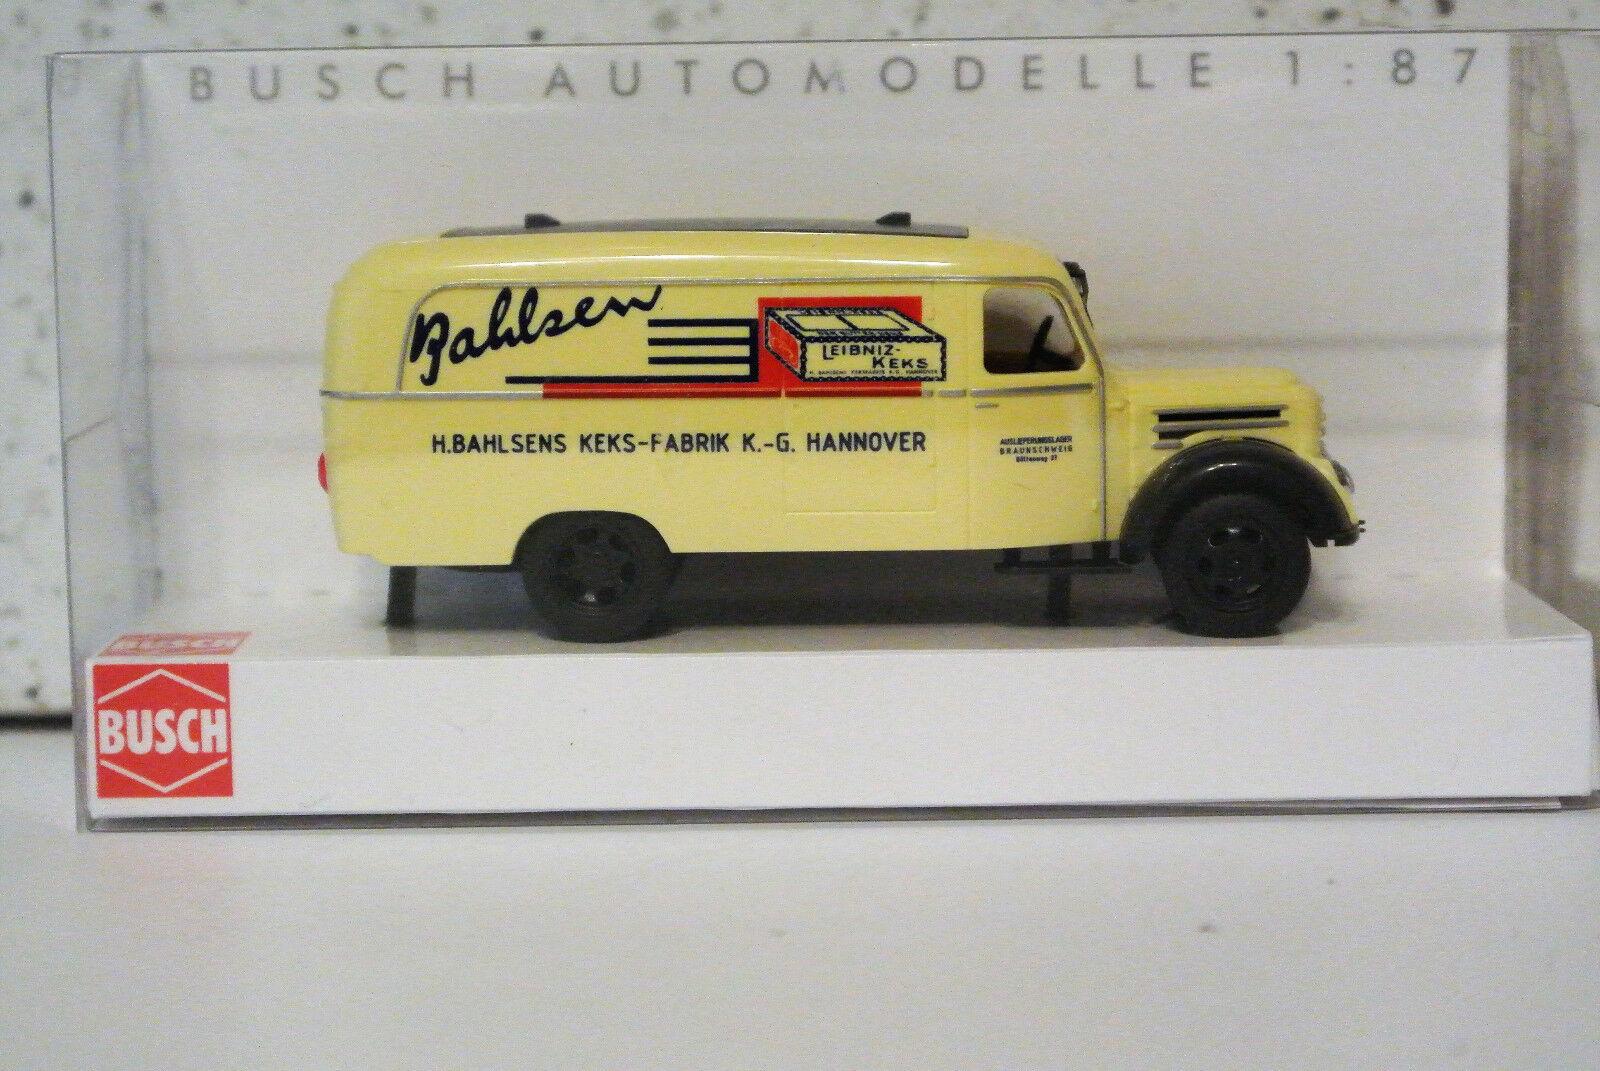 Busch Busch Busch 51810 Robur Garant K30 Bahlsen Leibniz Keks NIB 236f41